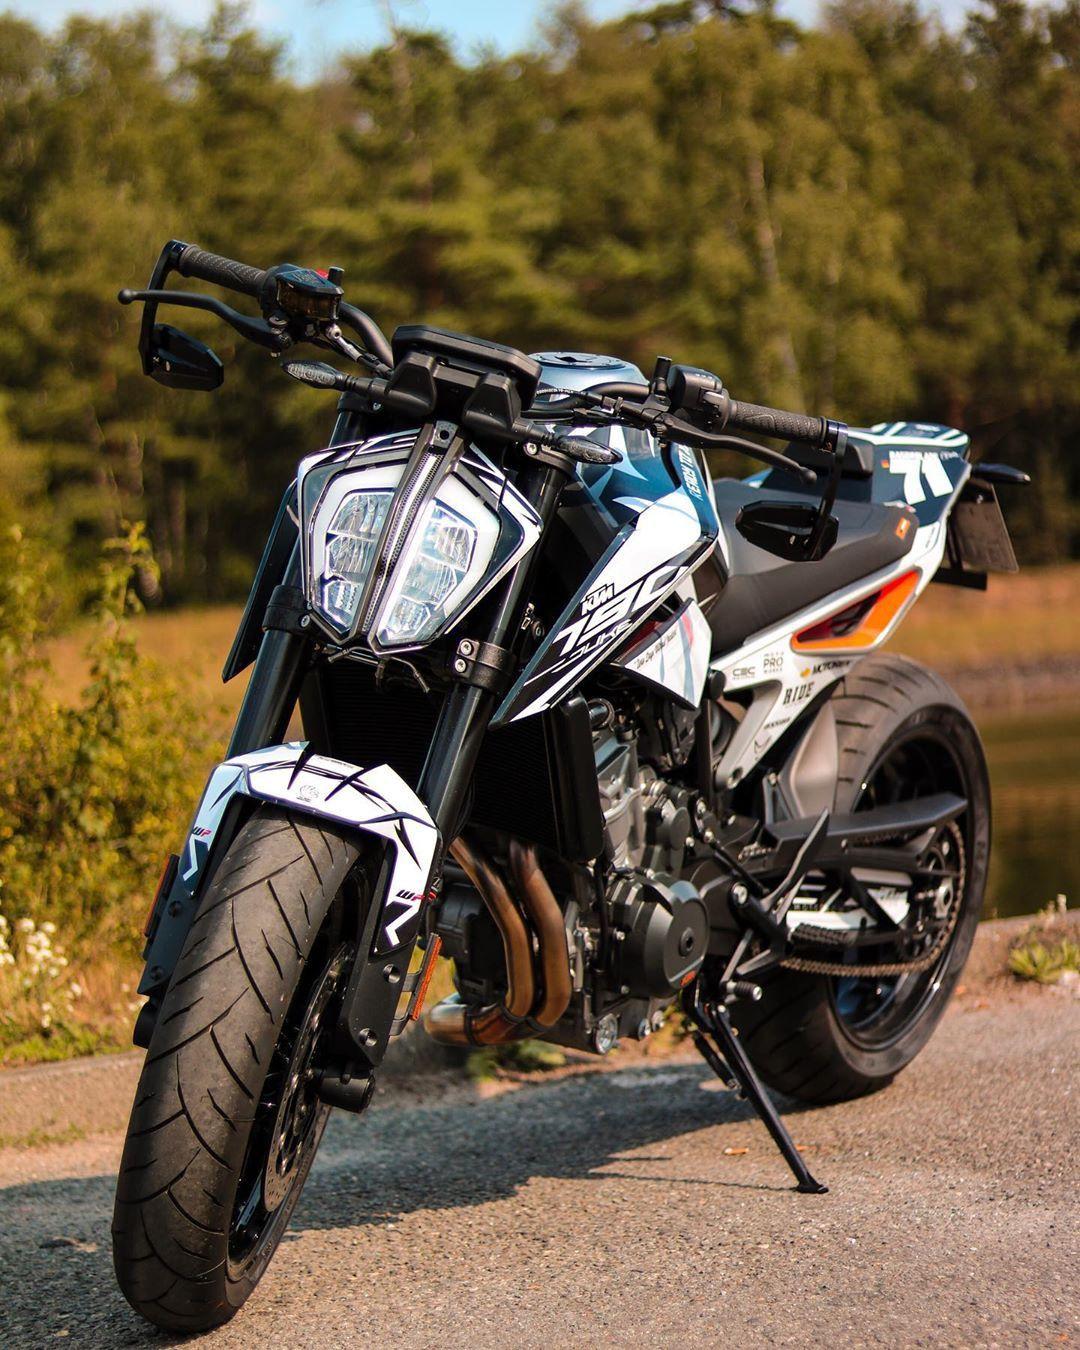 Ktm 790 Ktm Bike Photoshoot Duke Bike